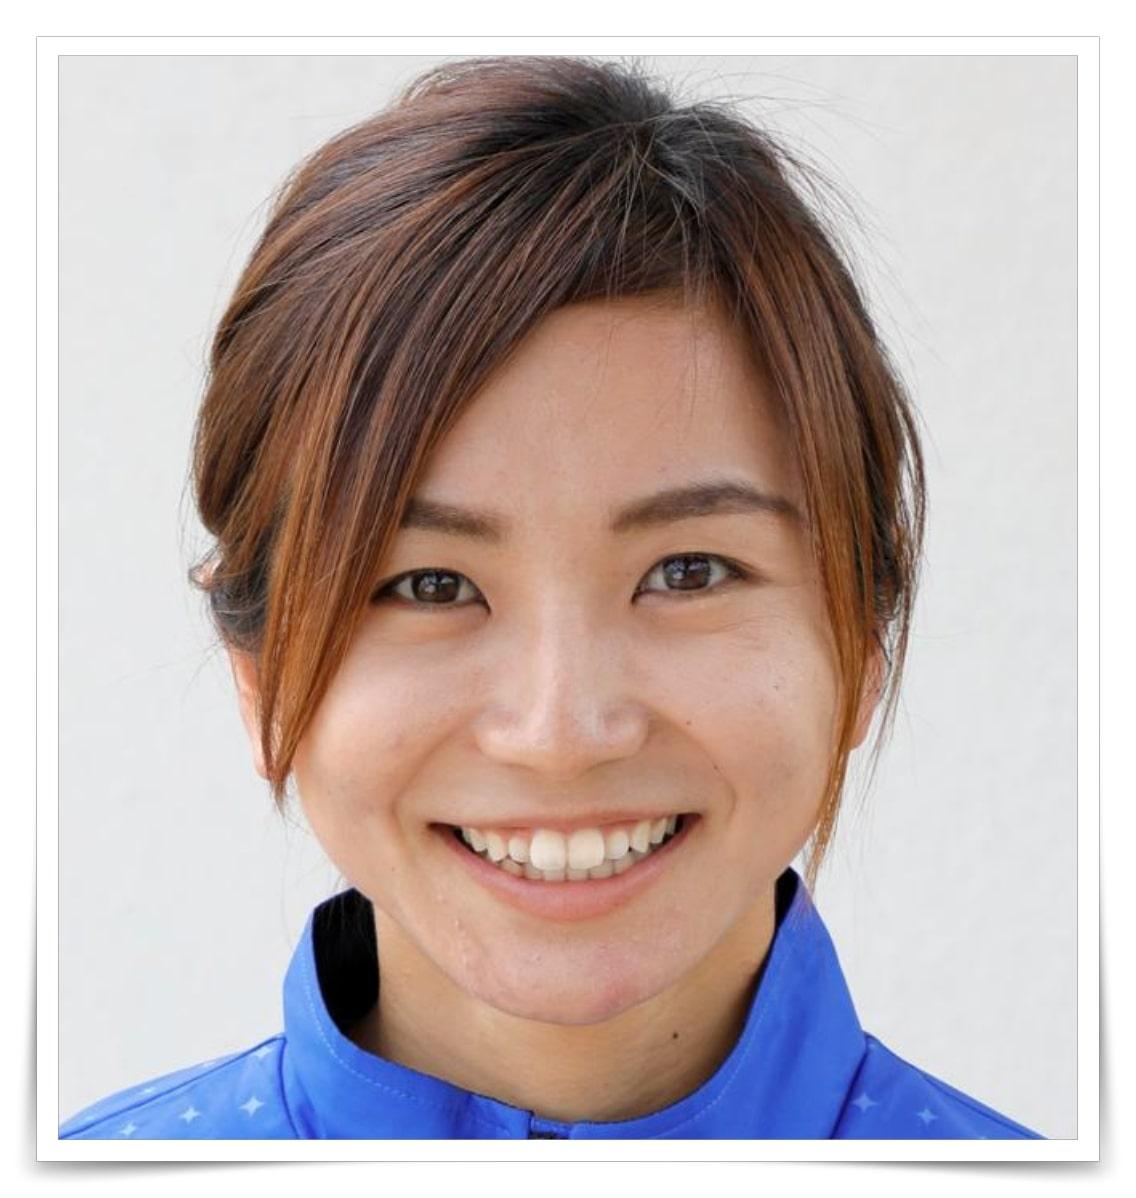 オリンピック美人、かわいい選手一覧、ランキング、木村文子